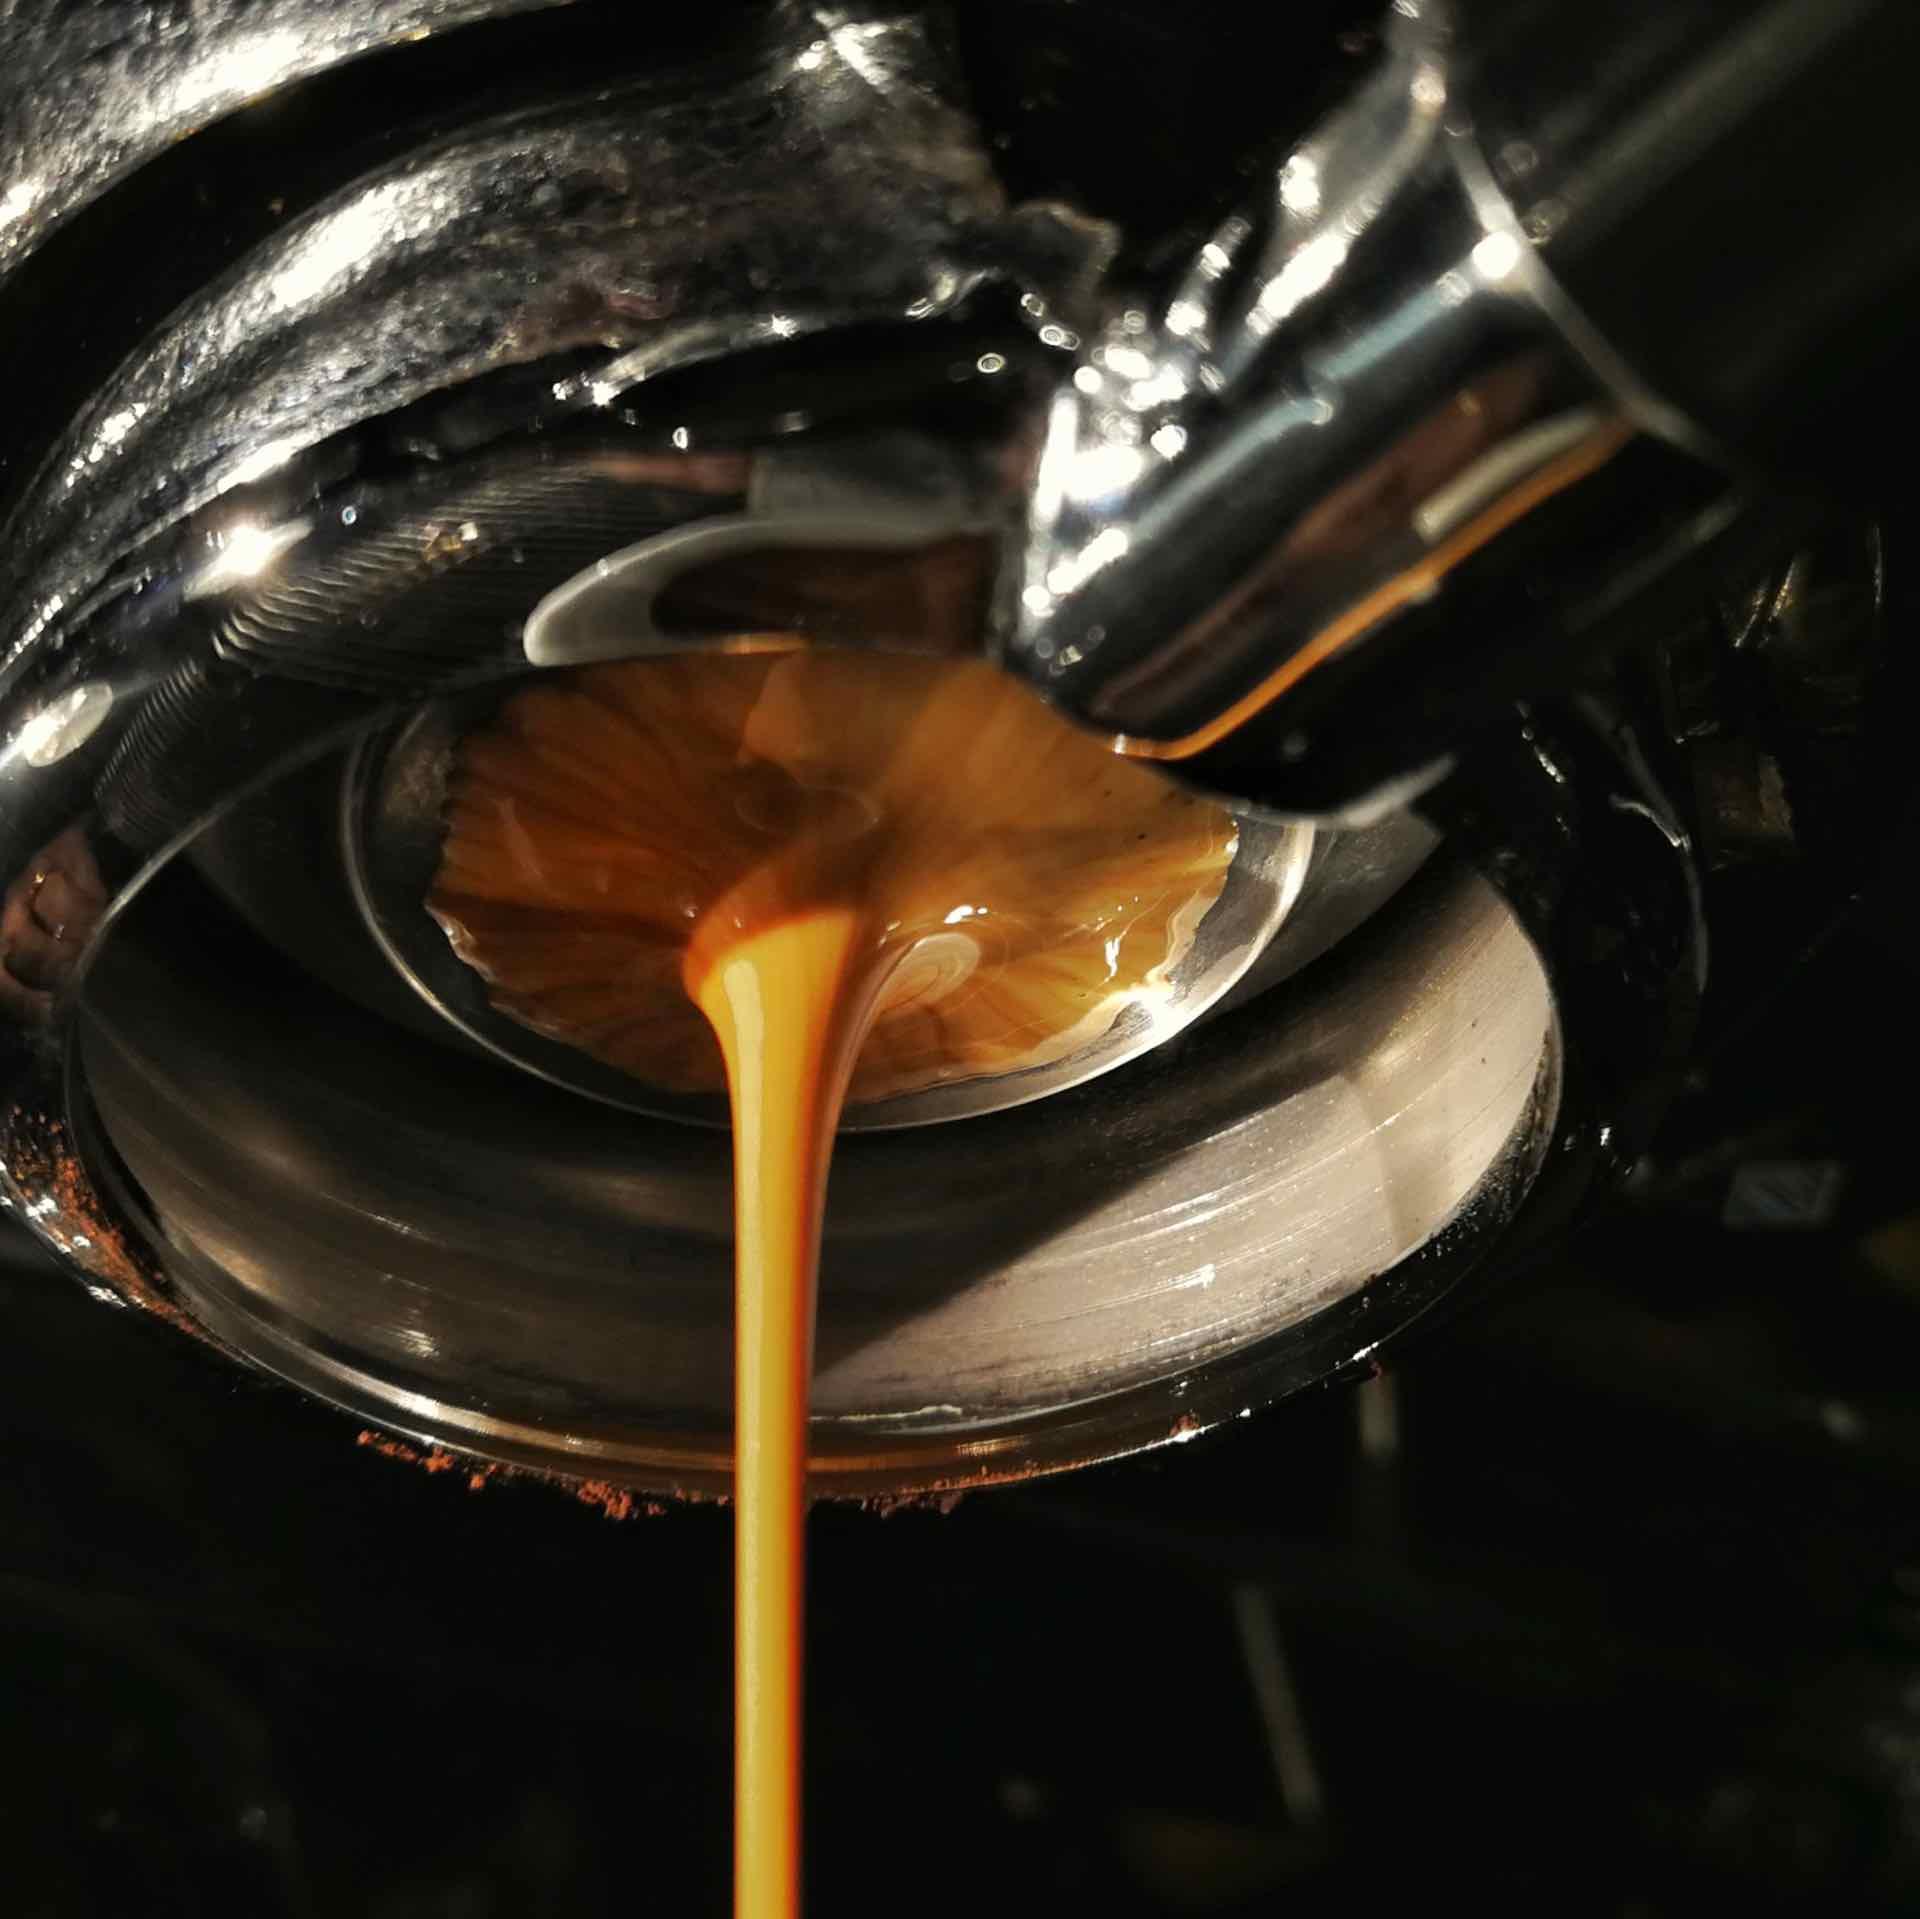 10 Gründe warum ich gerne Kaffee trinke - in the making